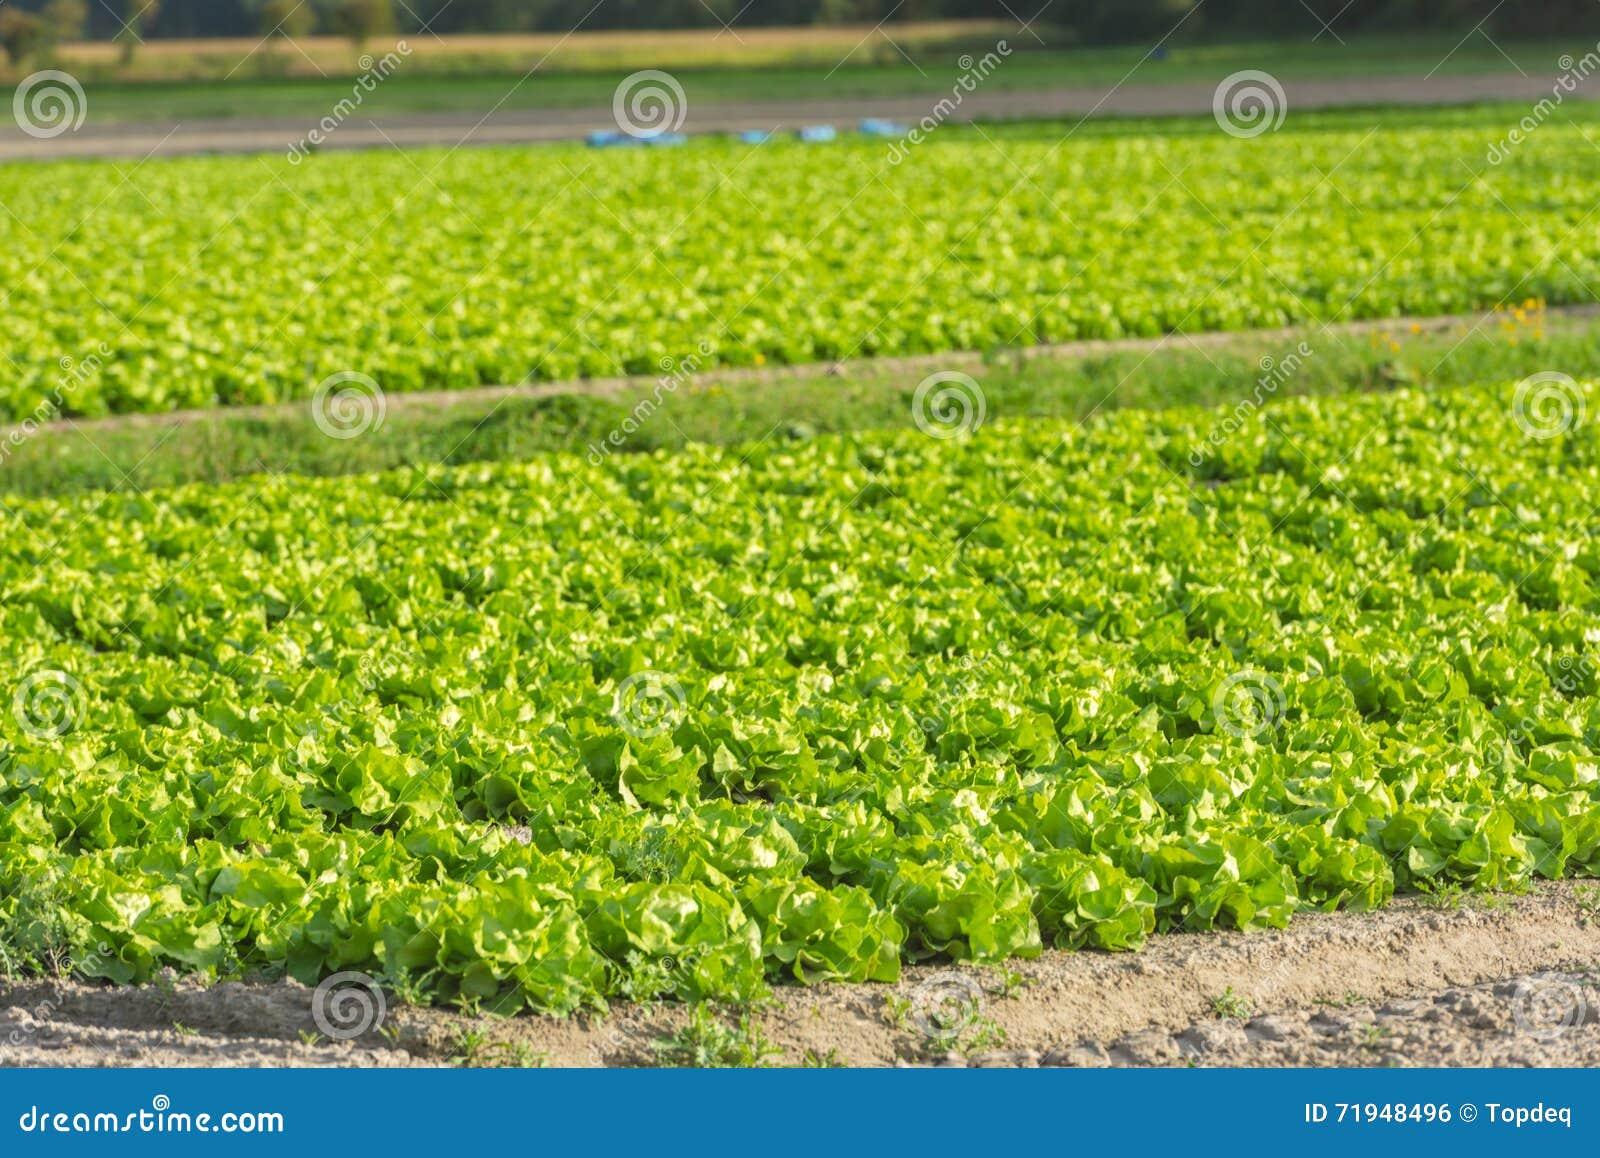 Культивируемое поле: свежие строки кровати зеленого салата